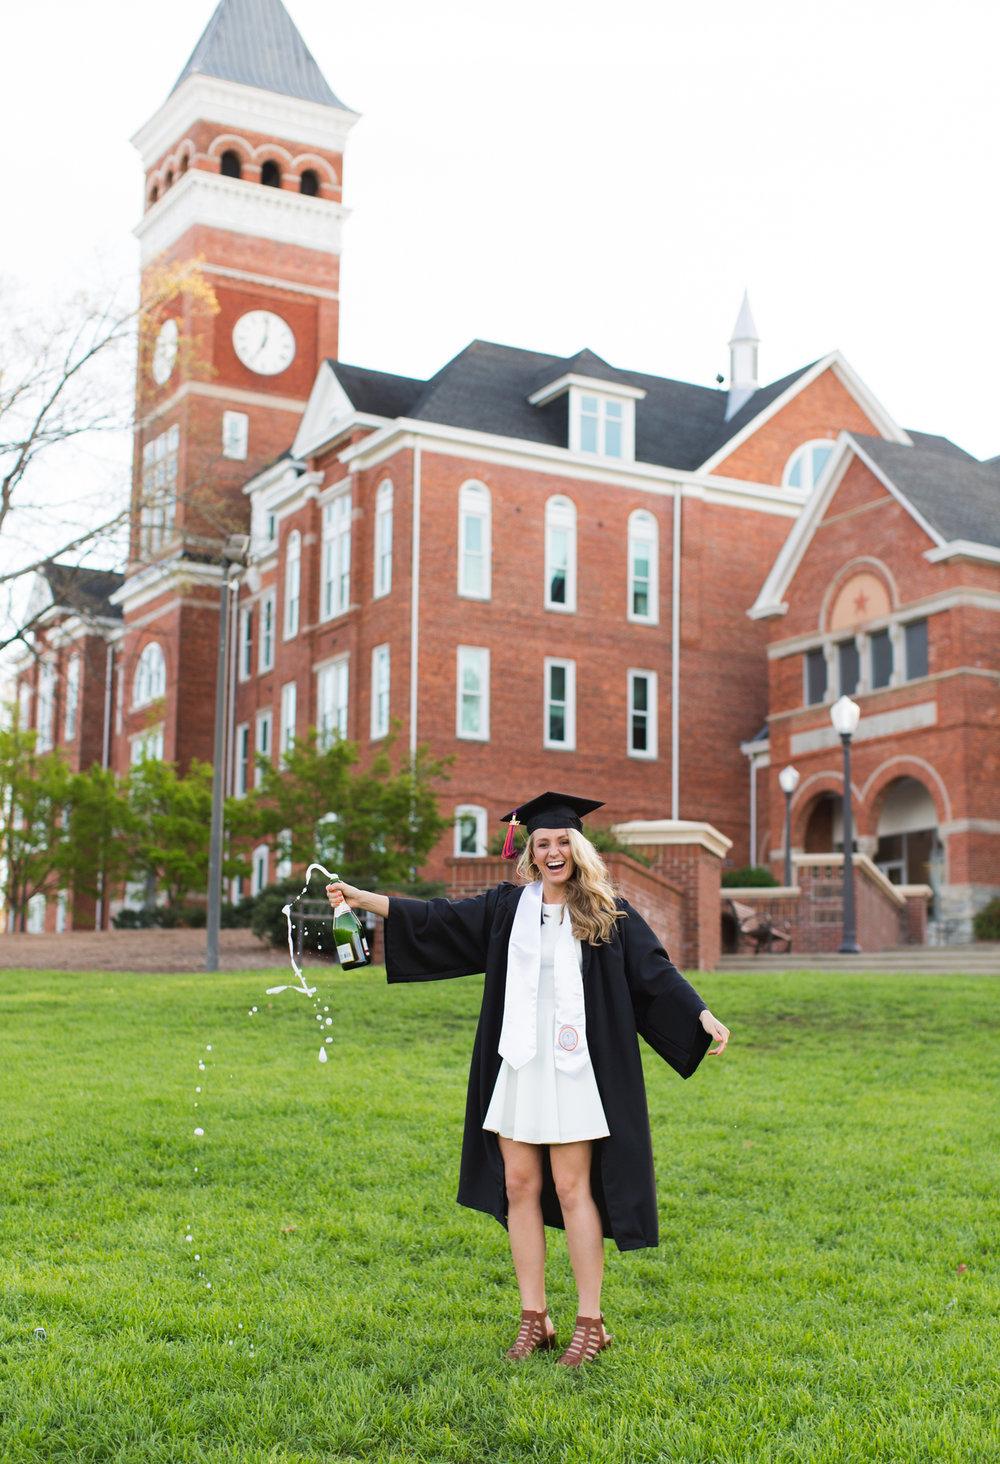 Lauren_Duncan-Clemson University Senior-5292.jpg